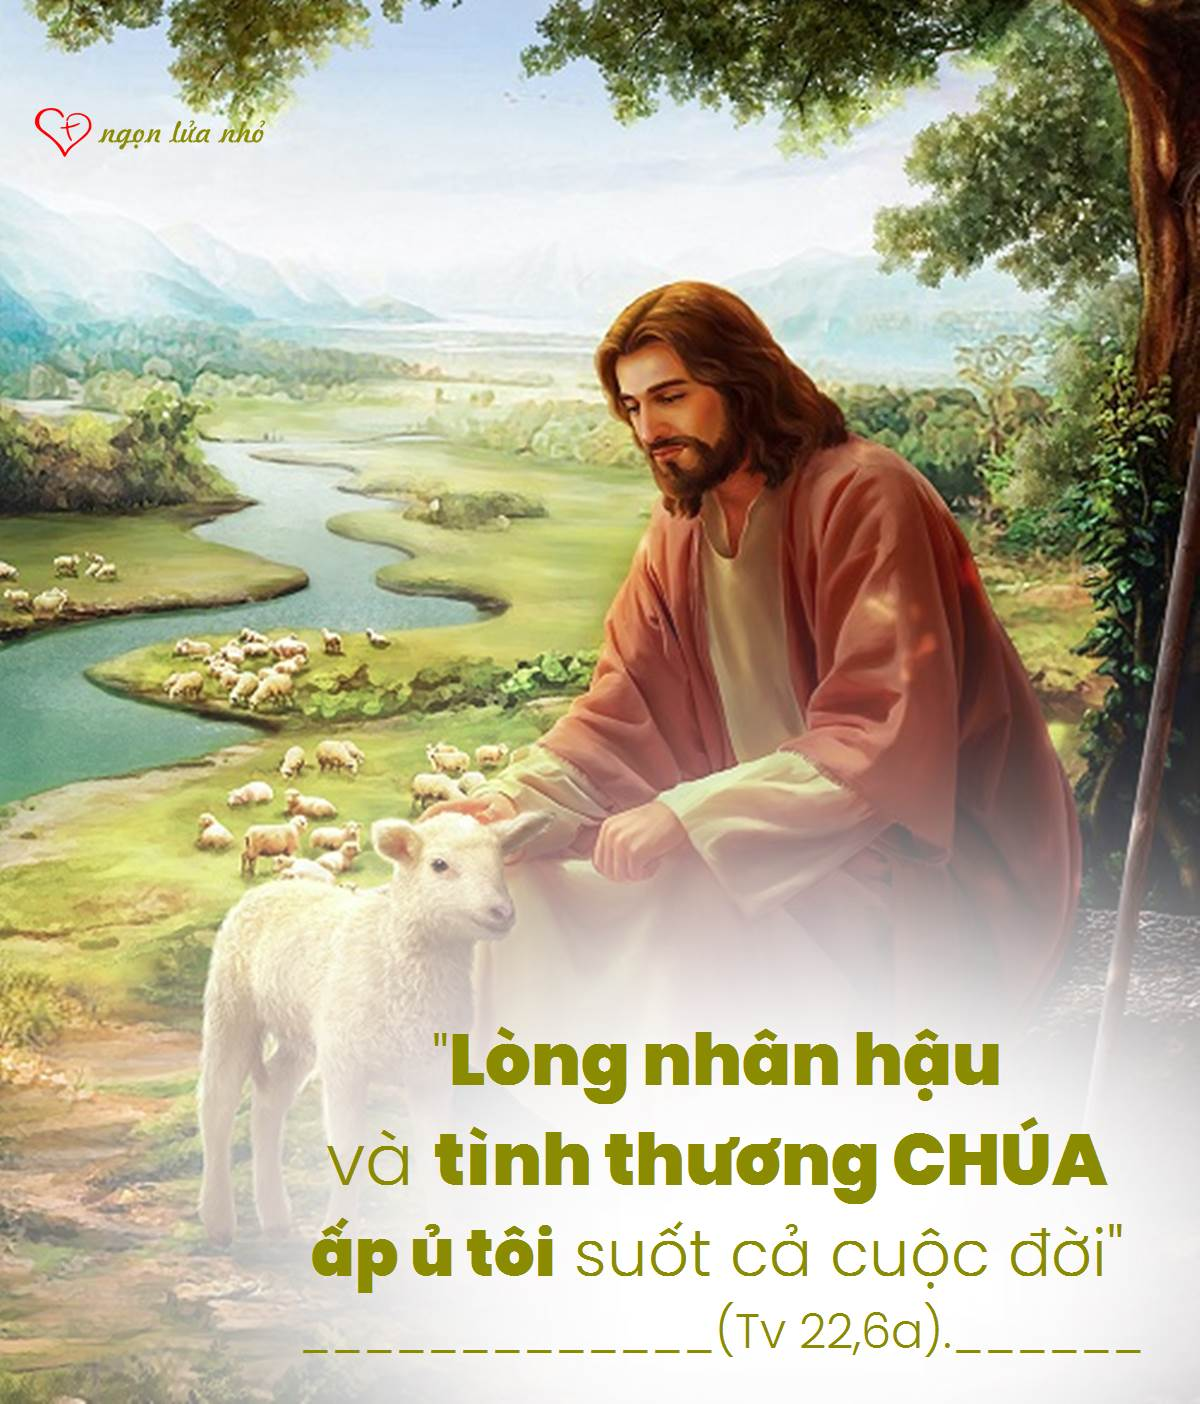 Lòng nhân hậu và tình thương CHÚA